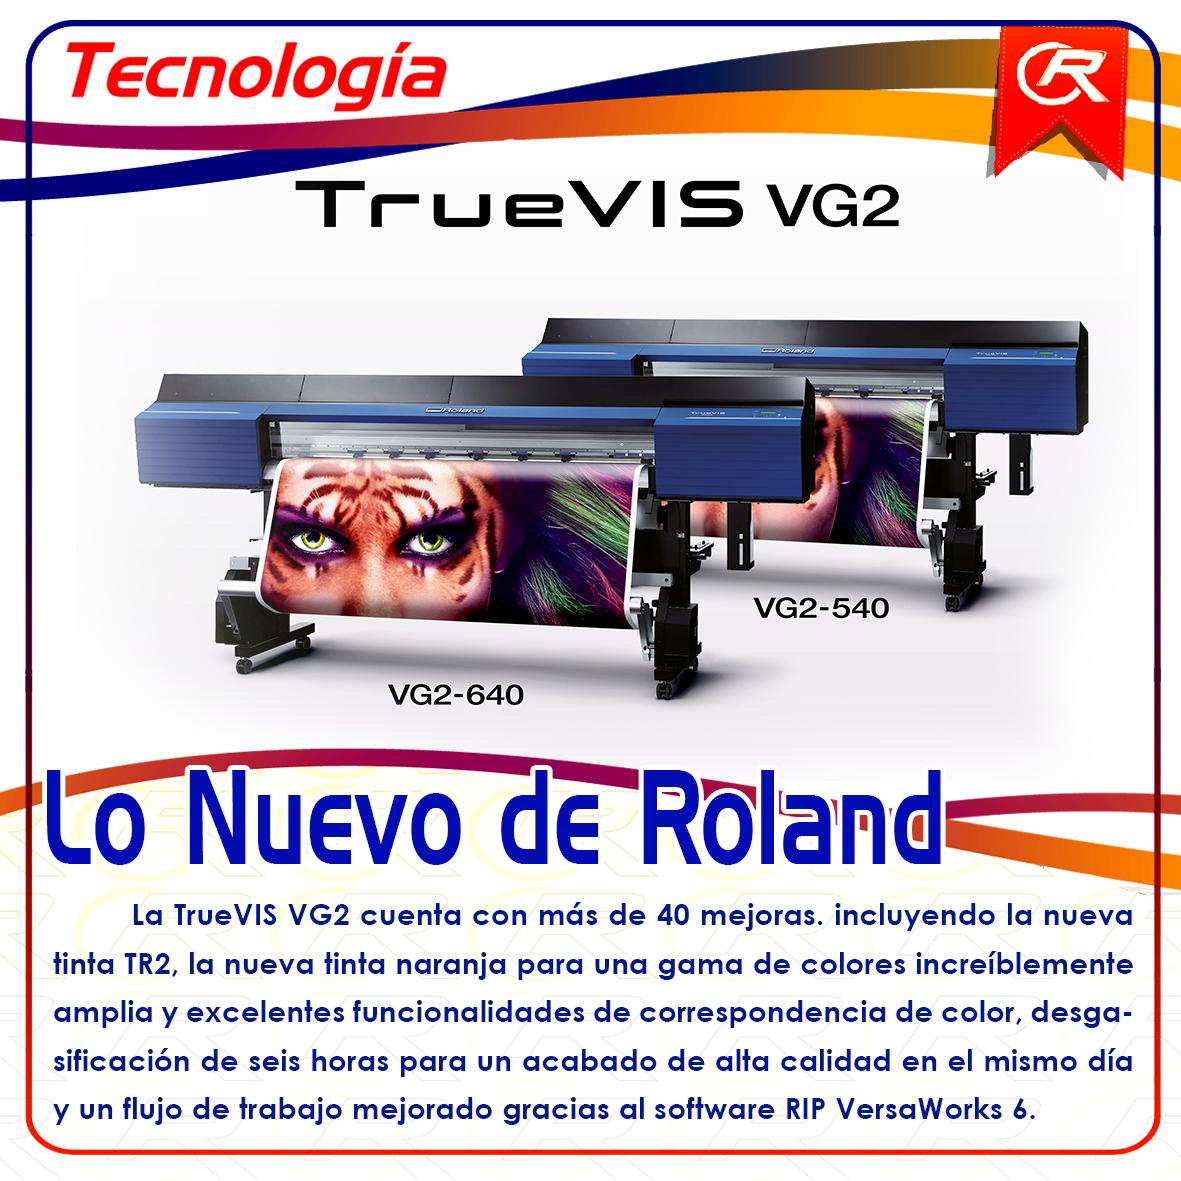 Roland a la vanguardia innovando en el mercado de la impresión digital Mas información en el enlace